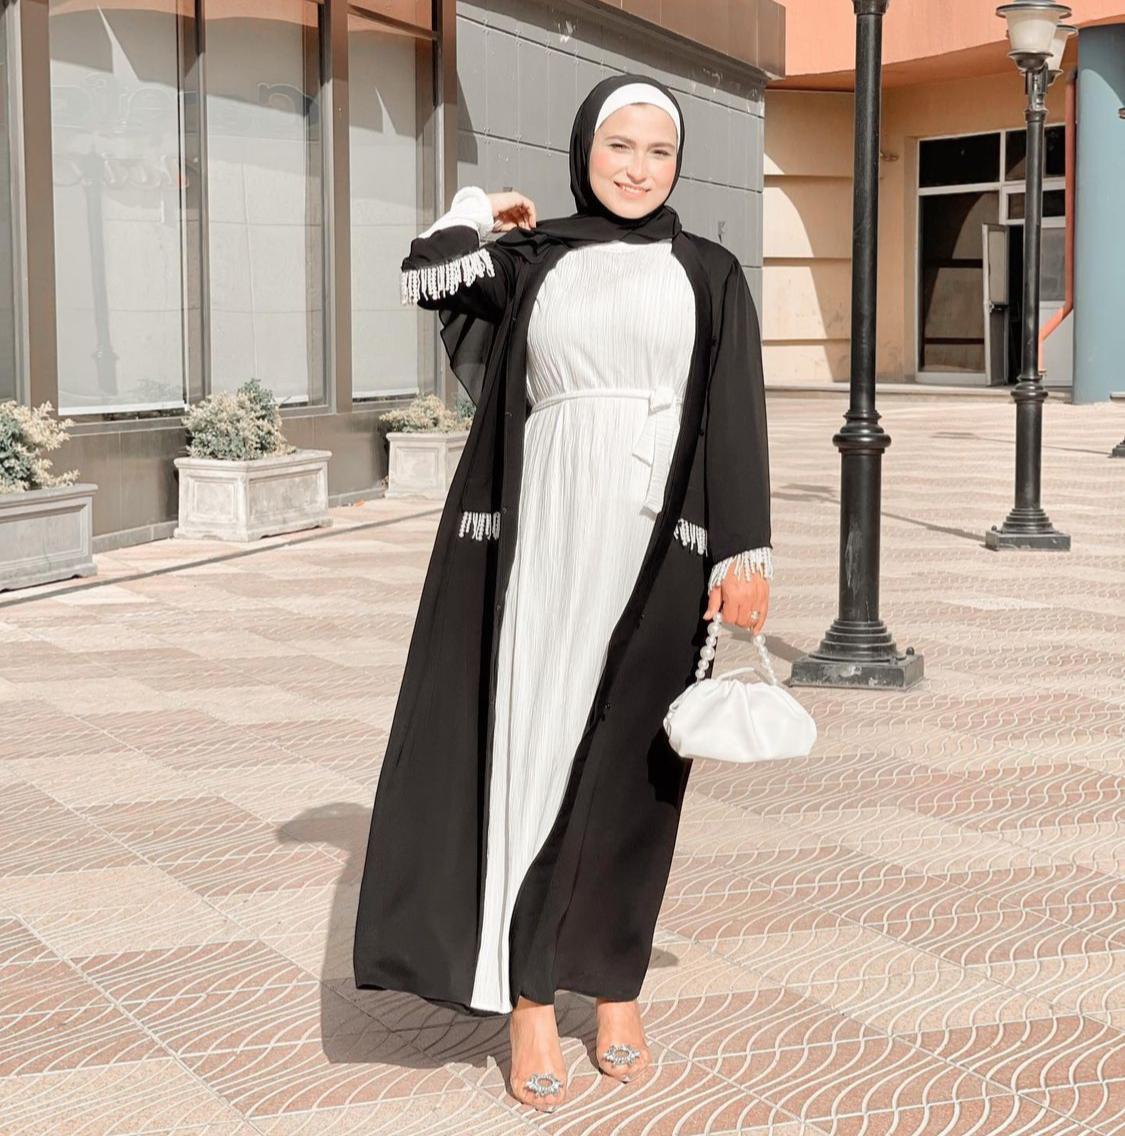 وفاء عز الدين بتنسيق حيادي الألوان -الصورة من حسابها على الانستغرام